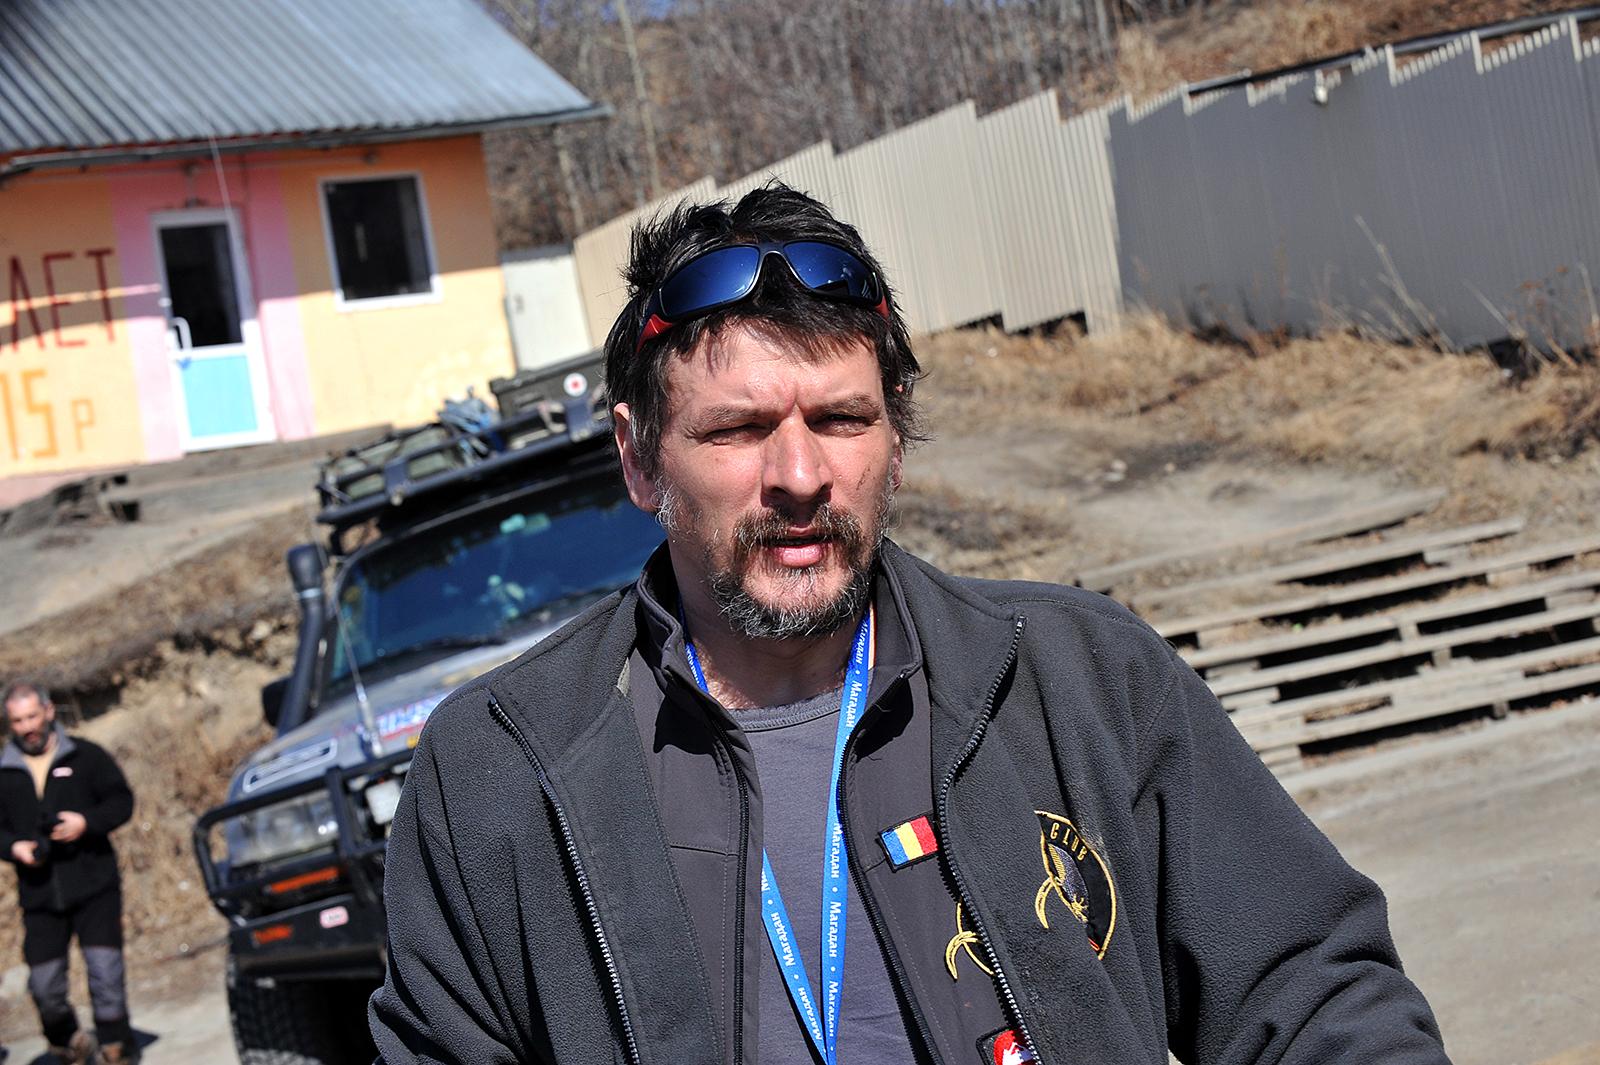 """Mihai Țucă, arhitect plecat din Sibiu până la capătul lumii: """"Când capeți alte repere poate vezi și lumea de aici cu alți ochi"""""""